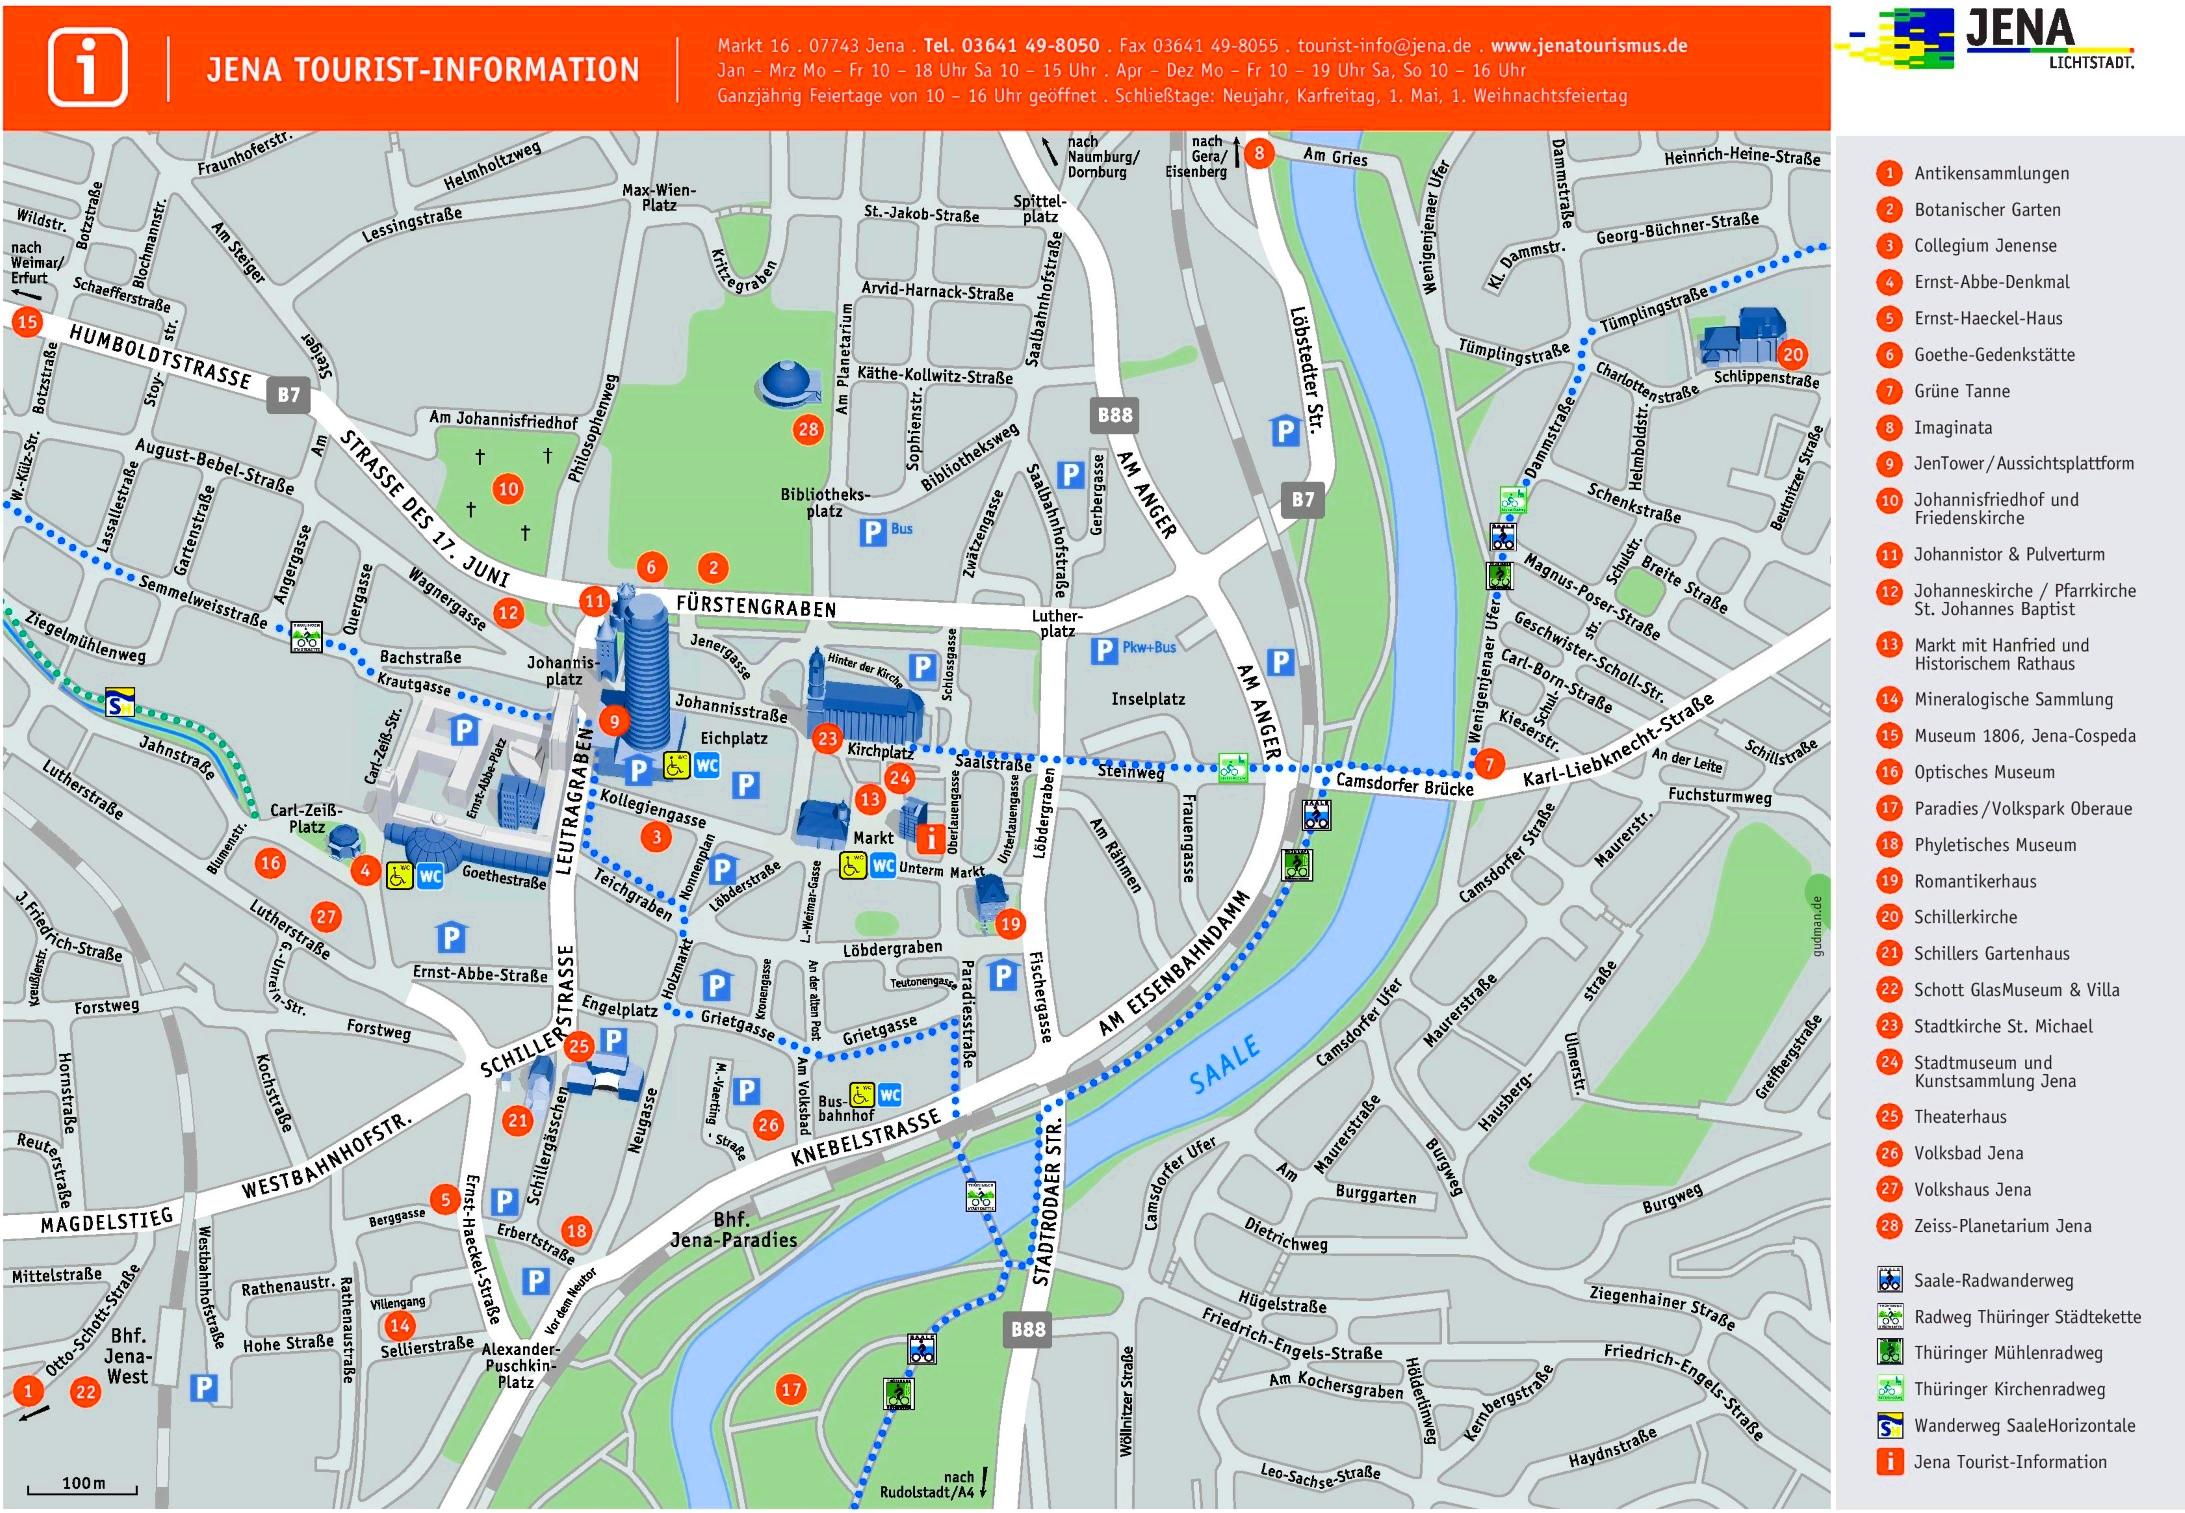 Jena tourist map